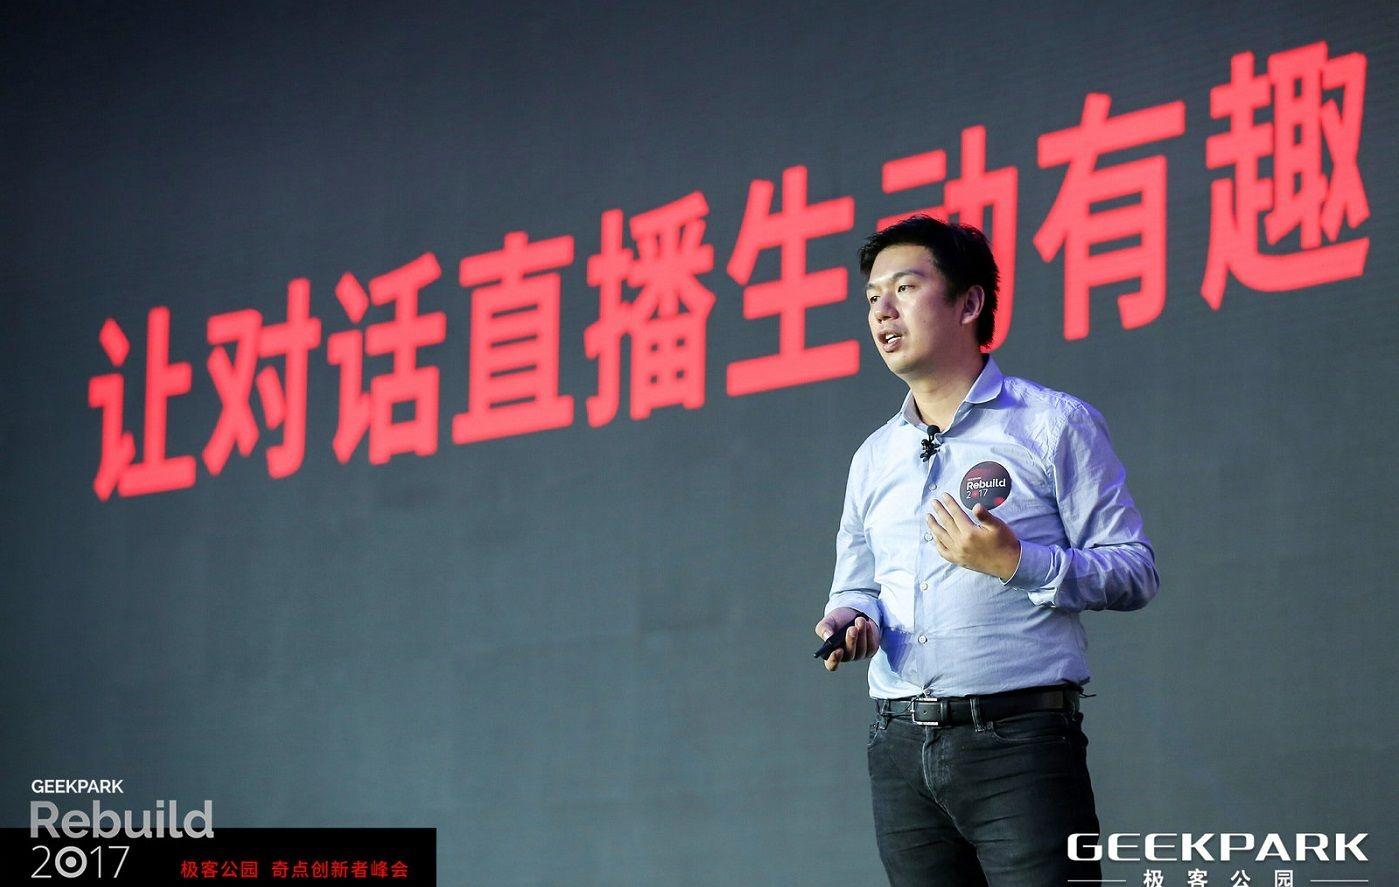 商汤科技 CEO 徐立:AI 驱动下的产业升级